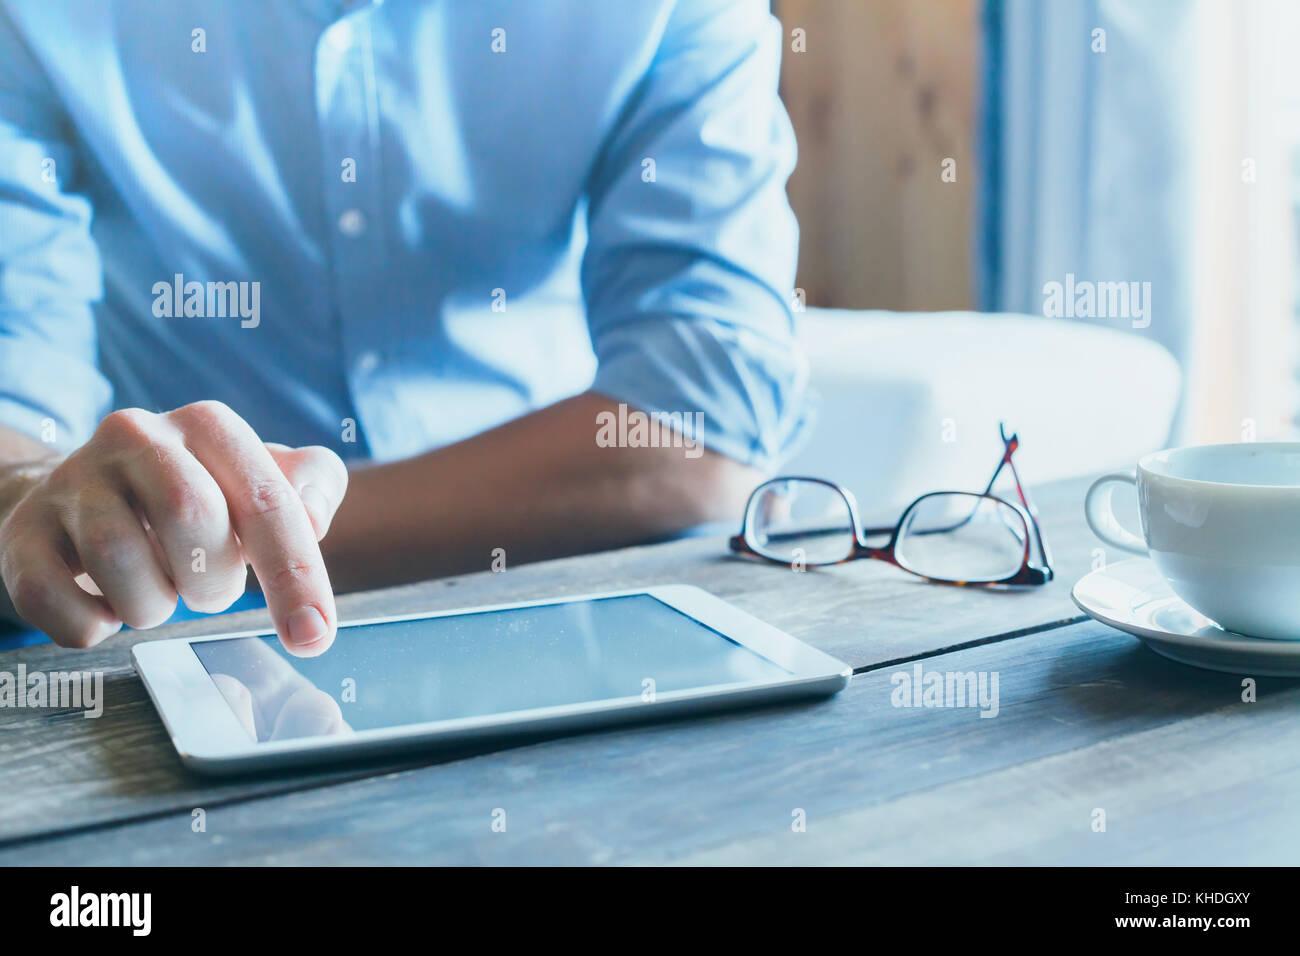 Man using digital tablet computer, Close up de la main, du commerce et de la technologie contexte with copy space Banque D'Images